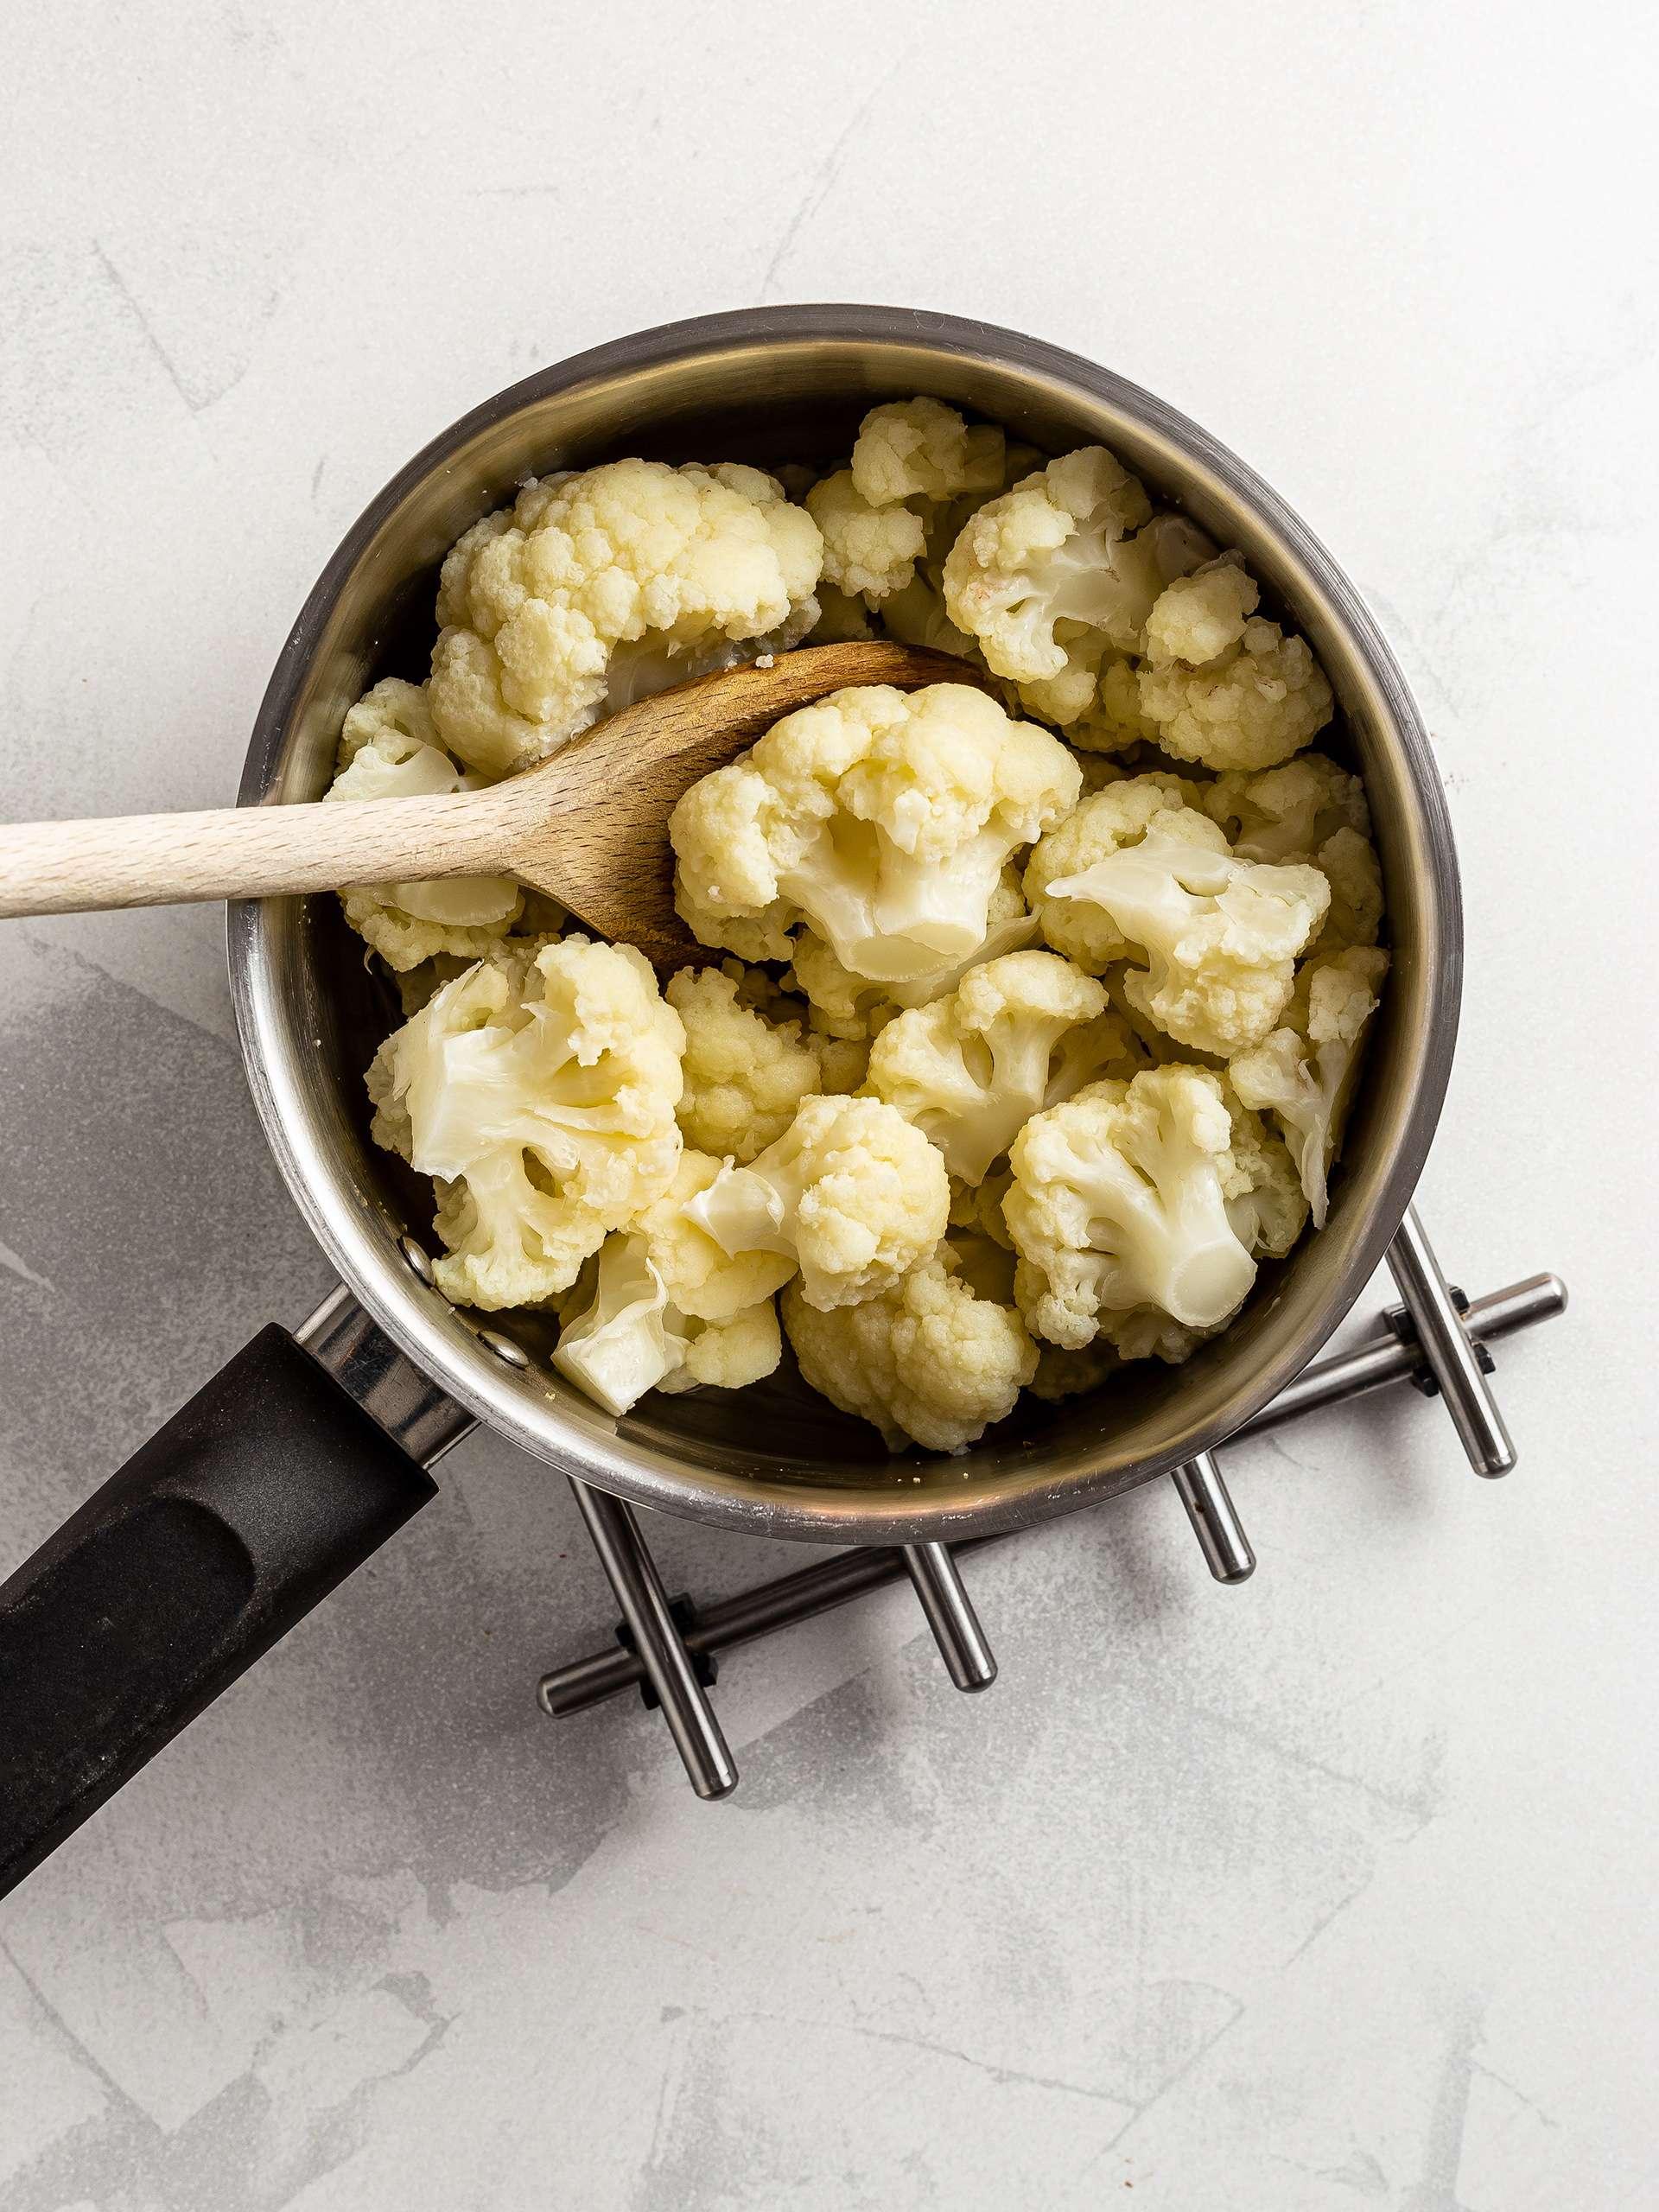 Cooked cauliflowers